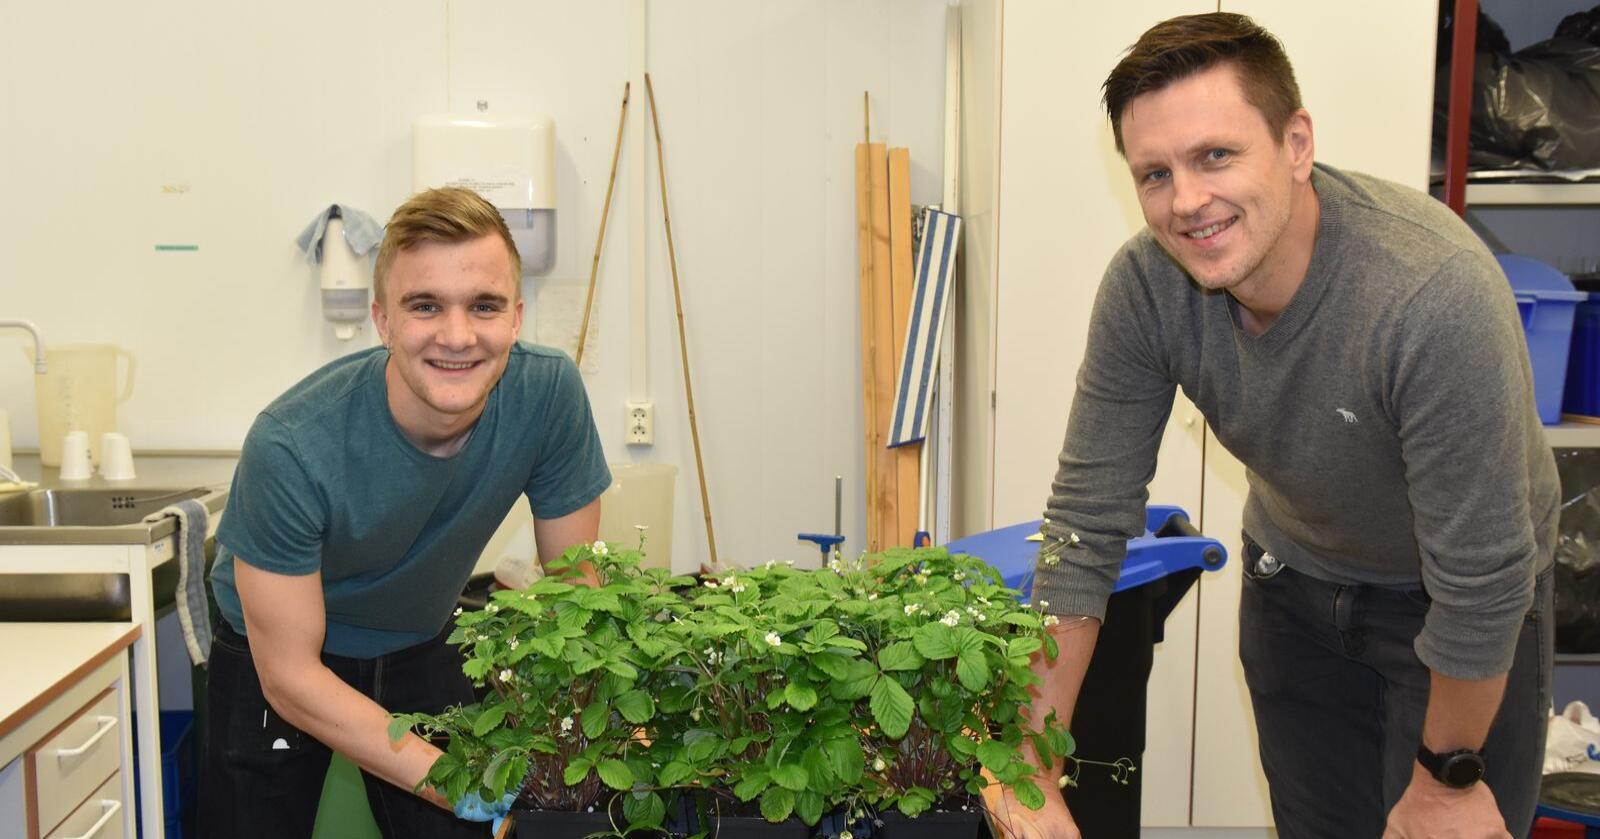 Crispr: Nibio-forsker Tage Thorstensen og masterstudent ved NMBU, Oskar Schnedler Bjorå, forteller at de har 50–60 planter som vokser i godkjente vekstrom for GMO. Foto: Siri Elise Dybdal